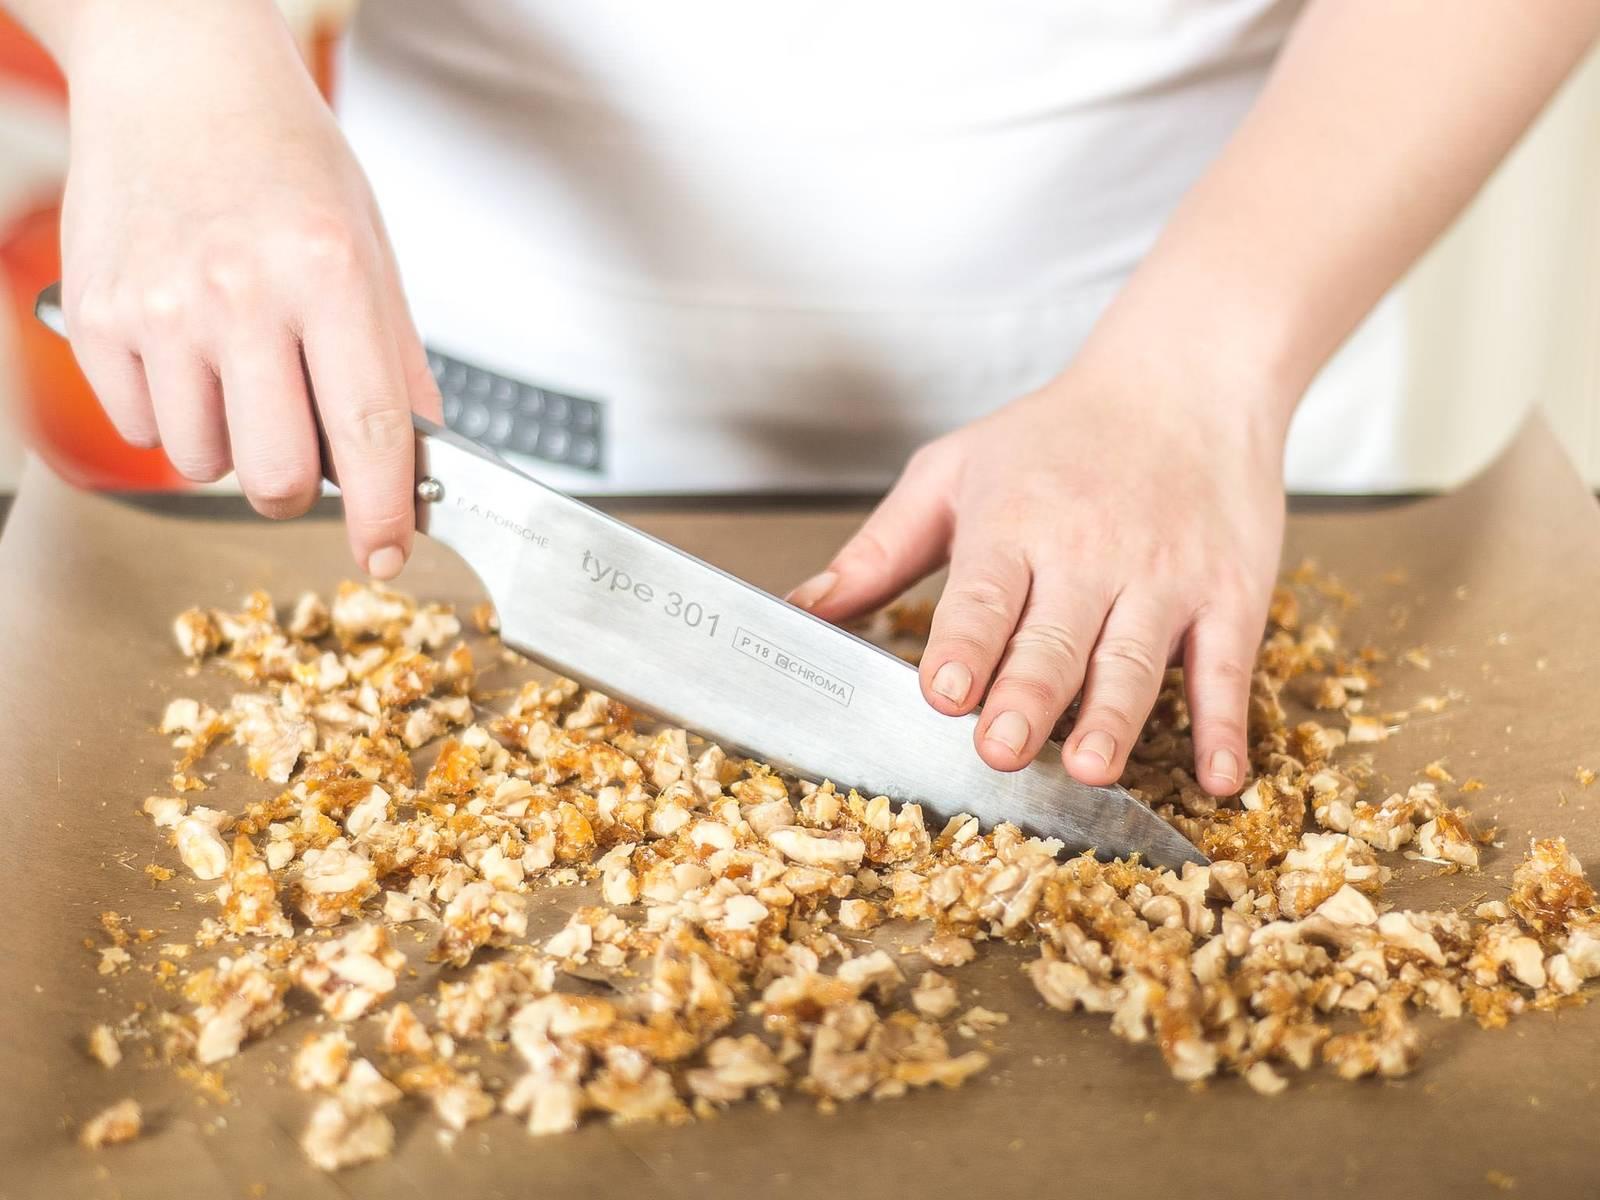 Karamellisierte Nüsse auf ein Blatt Backpapier streichen und auskühlen lassen. Danach nochmals grob hacken.